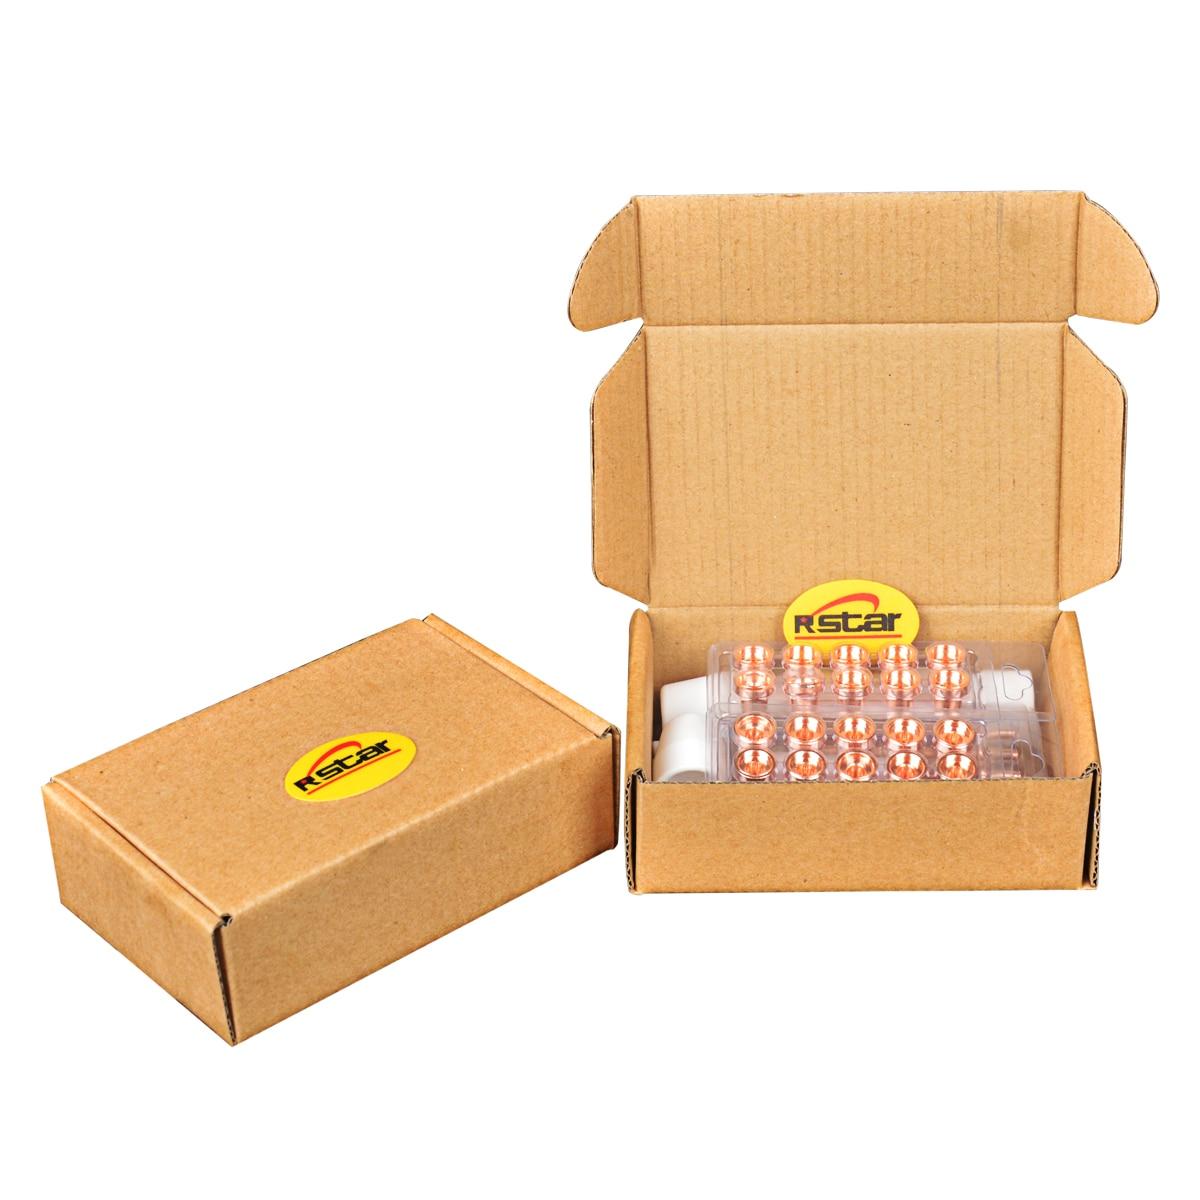 Плазменный резак электроды сопла PT-31Torch расходные материалы аксессуары стандартные советы электроды сопла щит чашка 50 шт